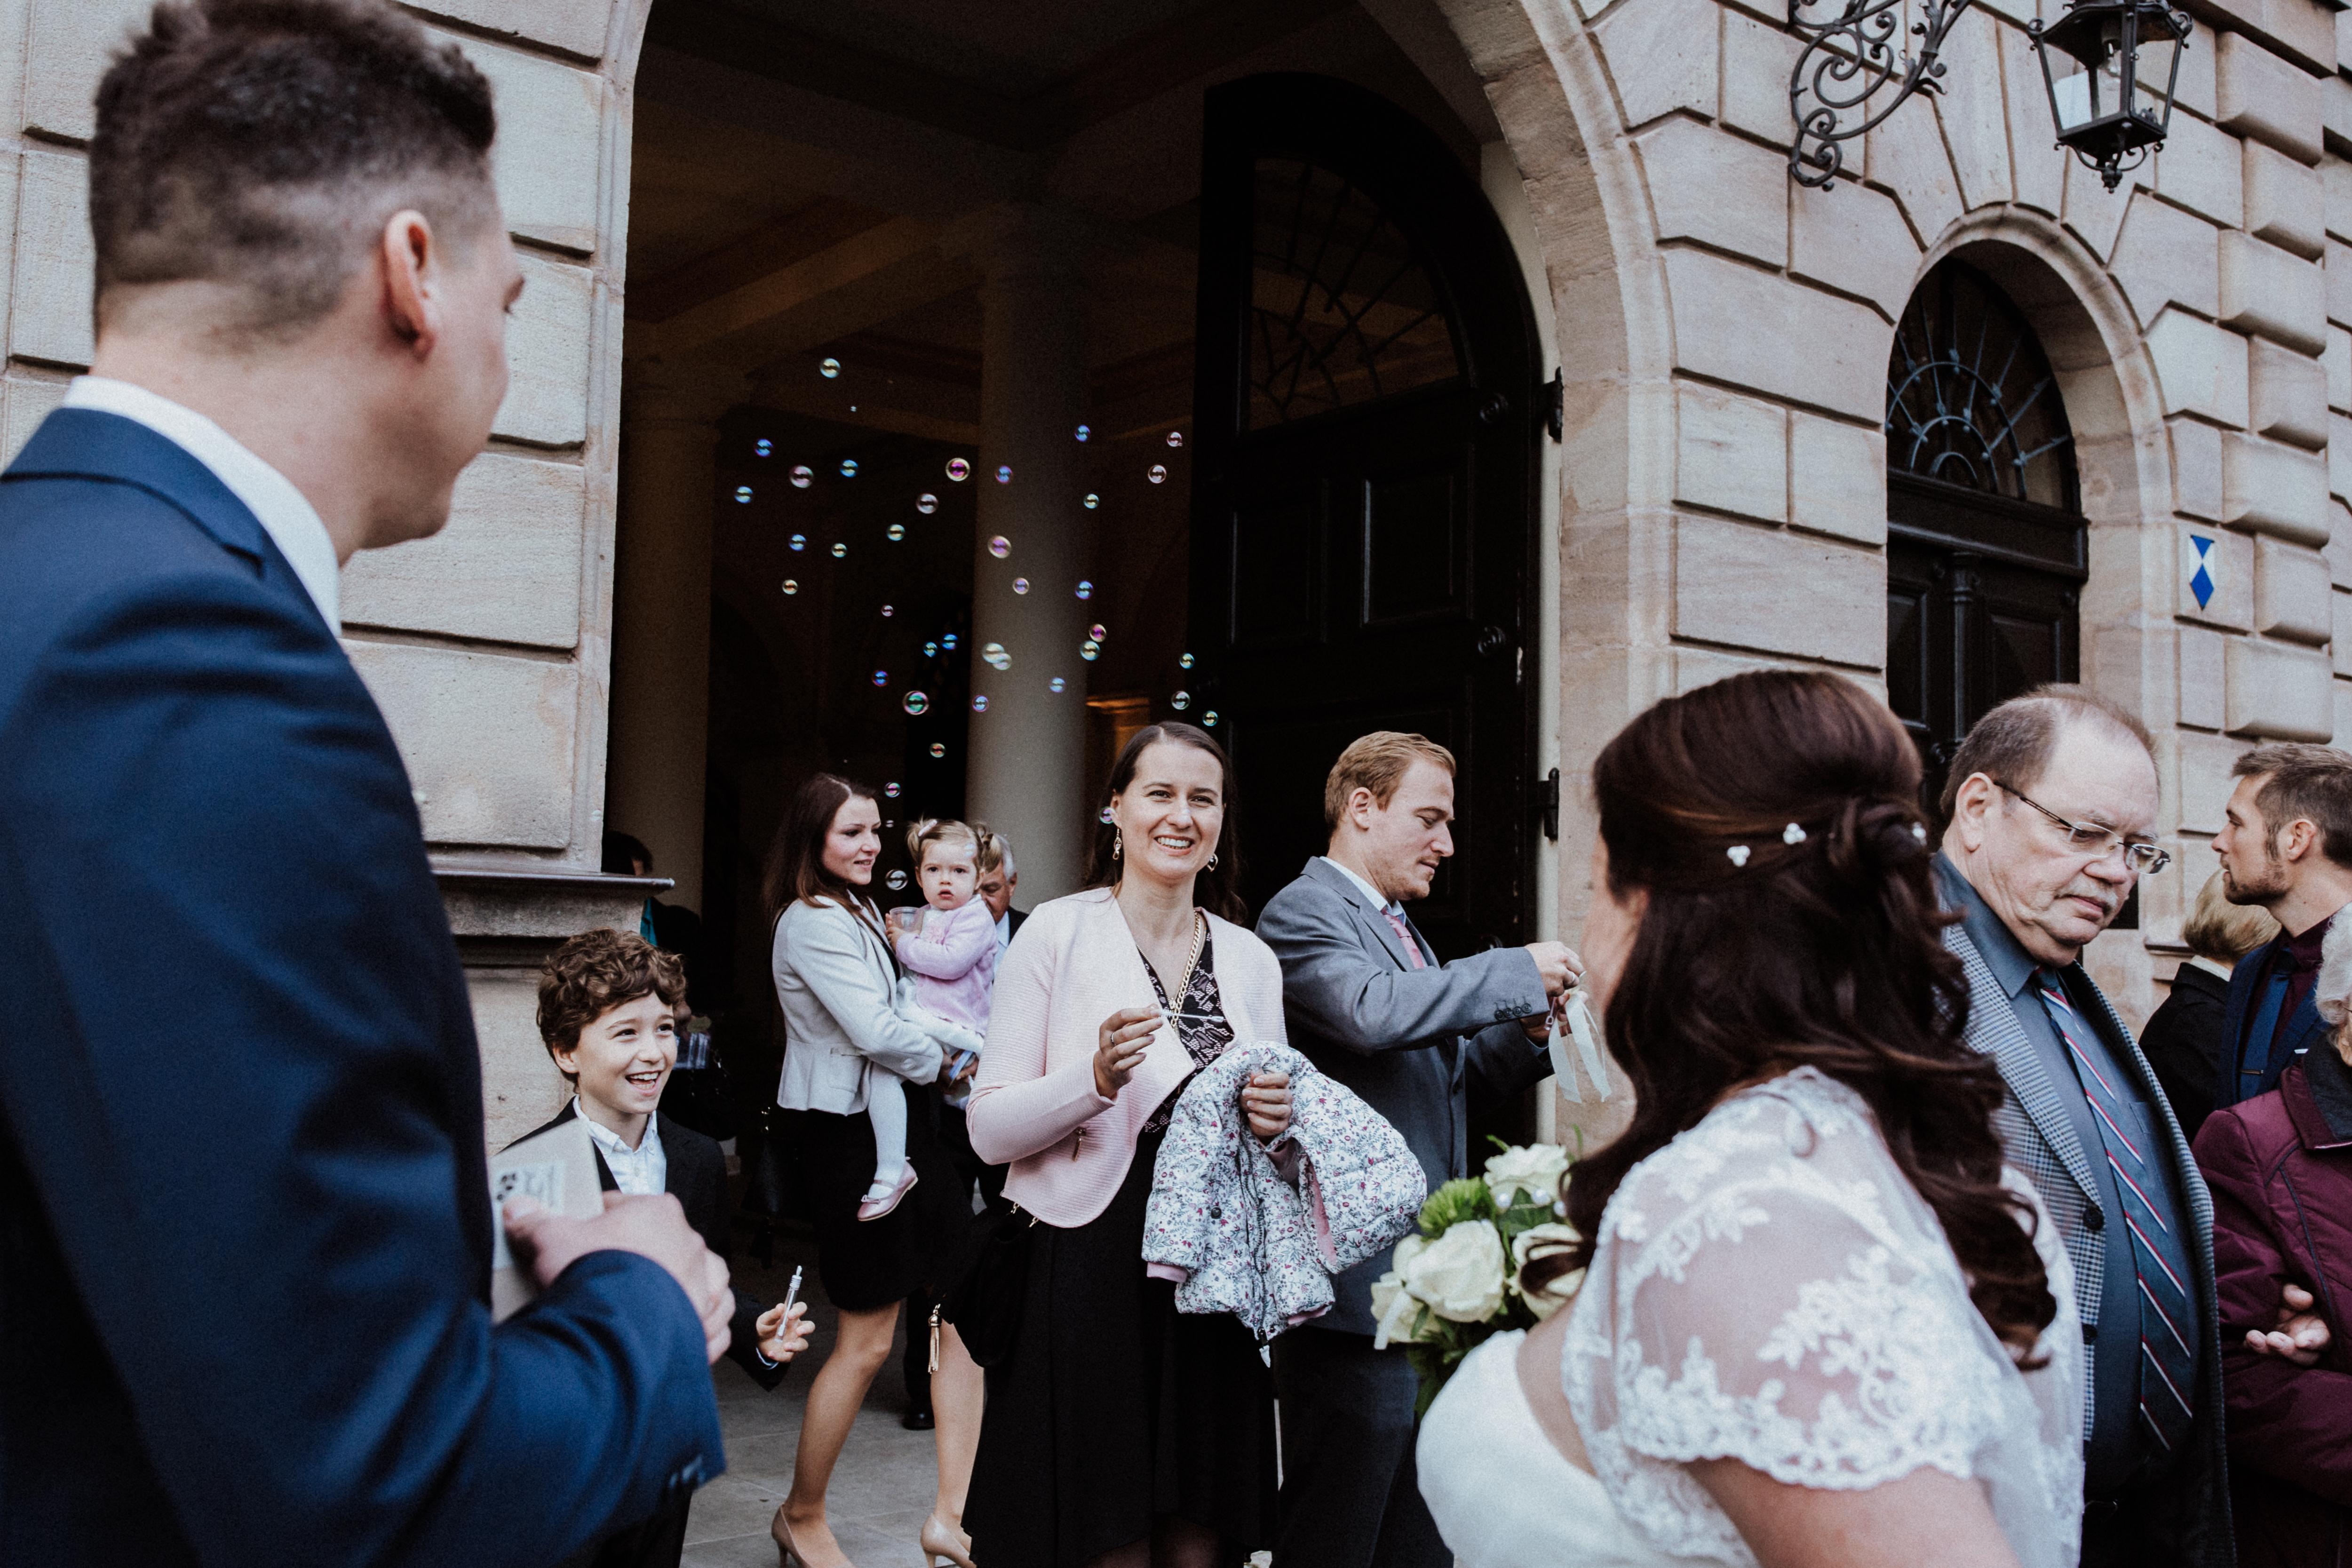 URBANERIE_Daniela_Goth_Hochzeitsfotografin_Nürnberg_Fürth_Erlangen_Schwabach_171007_0515